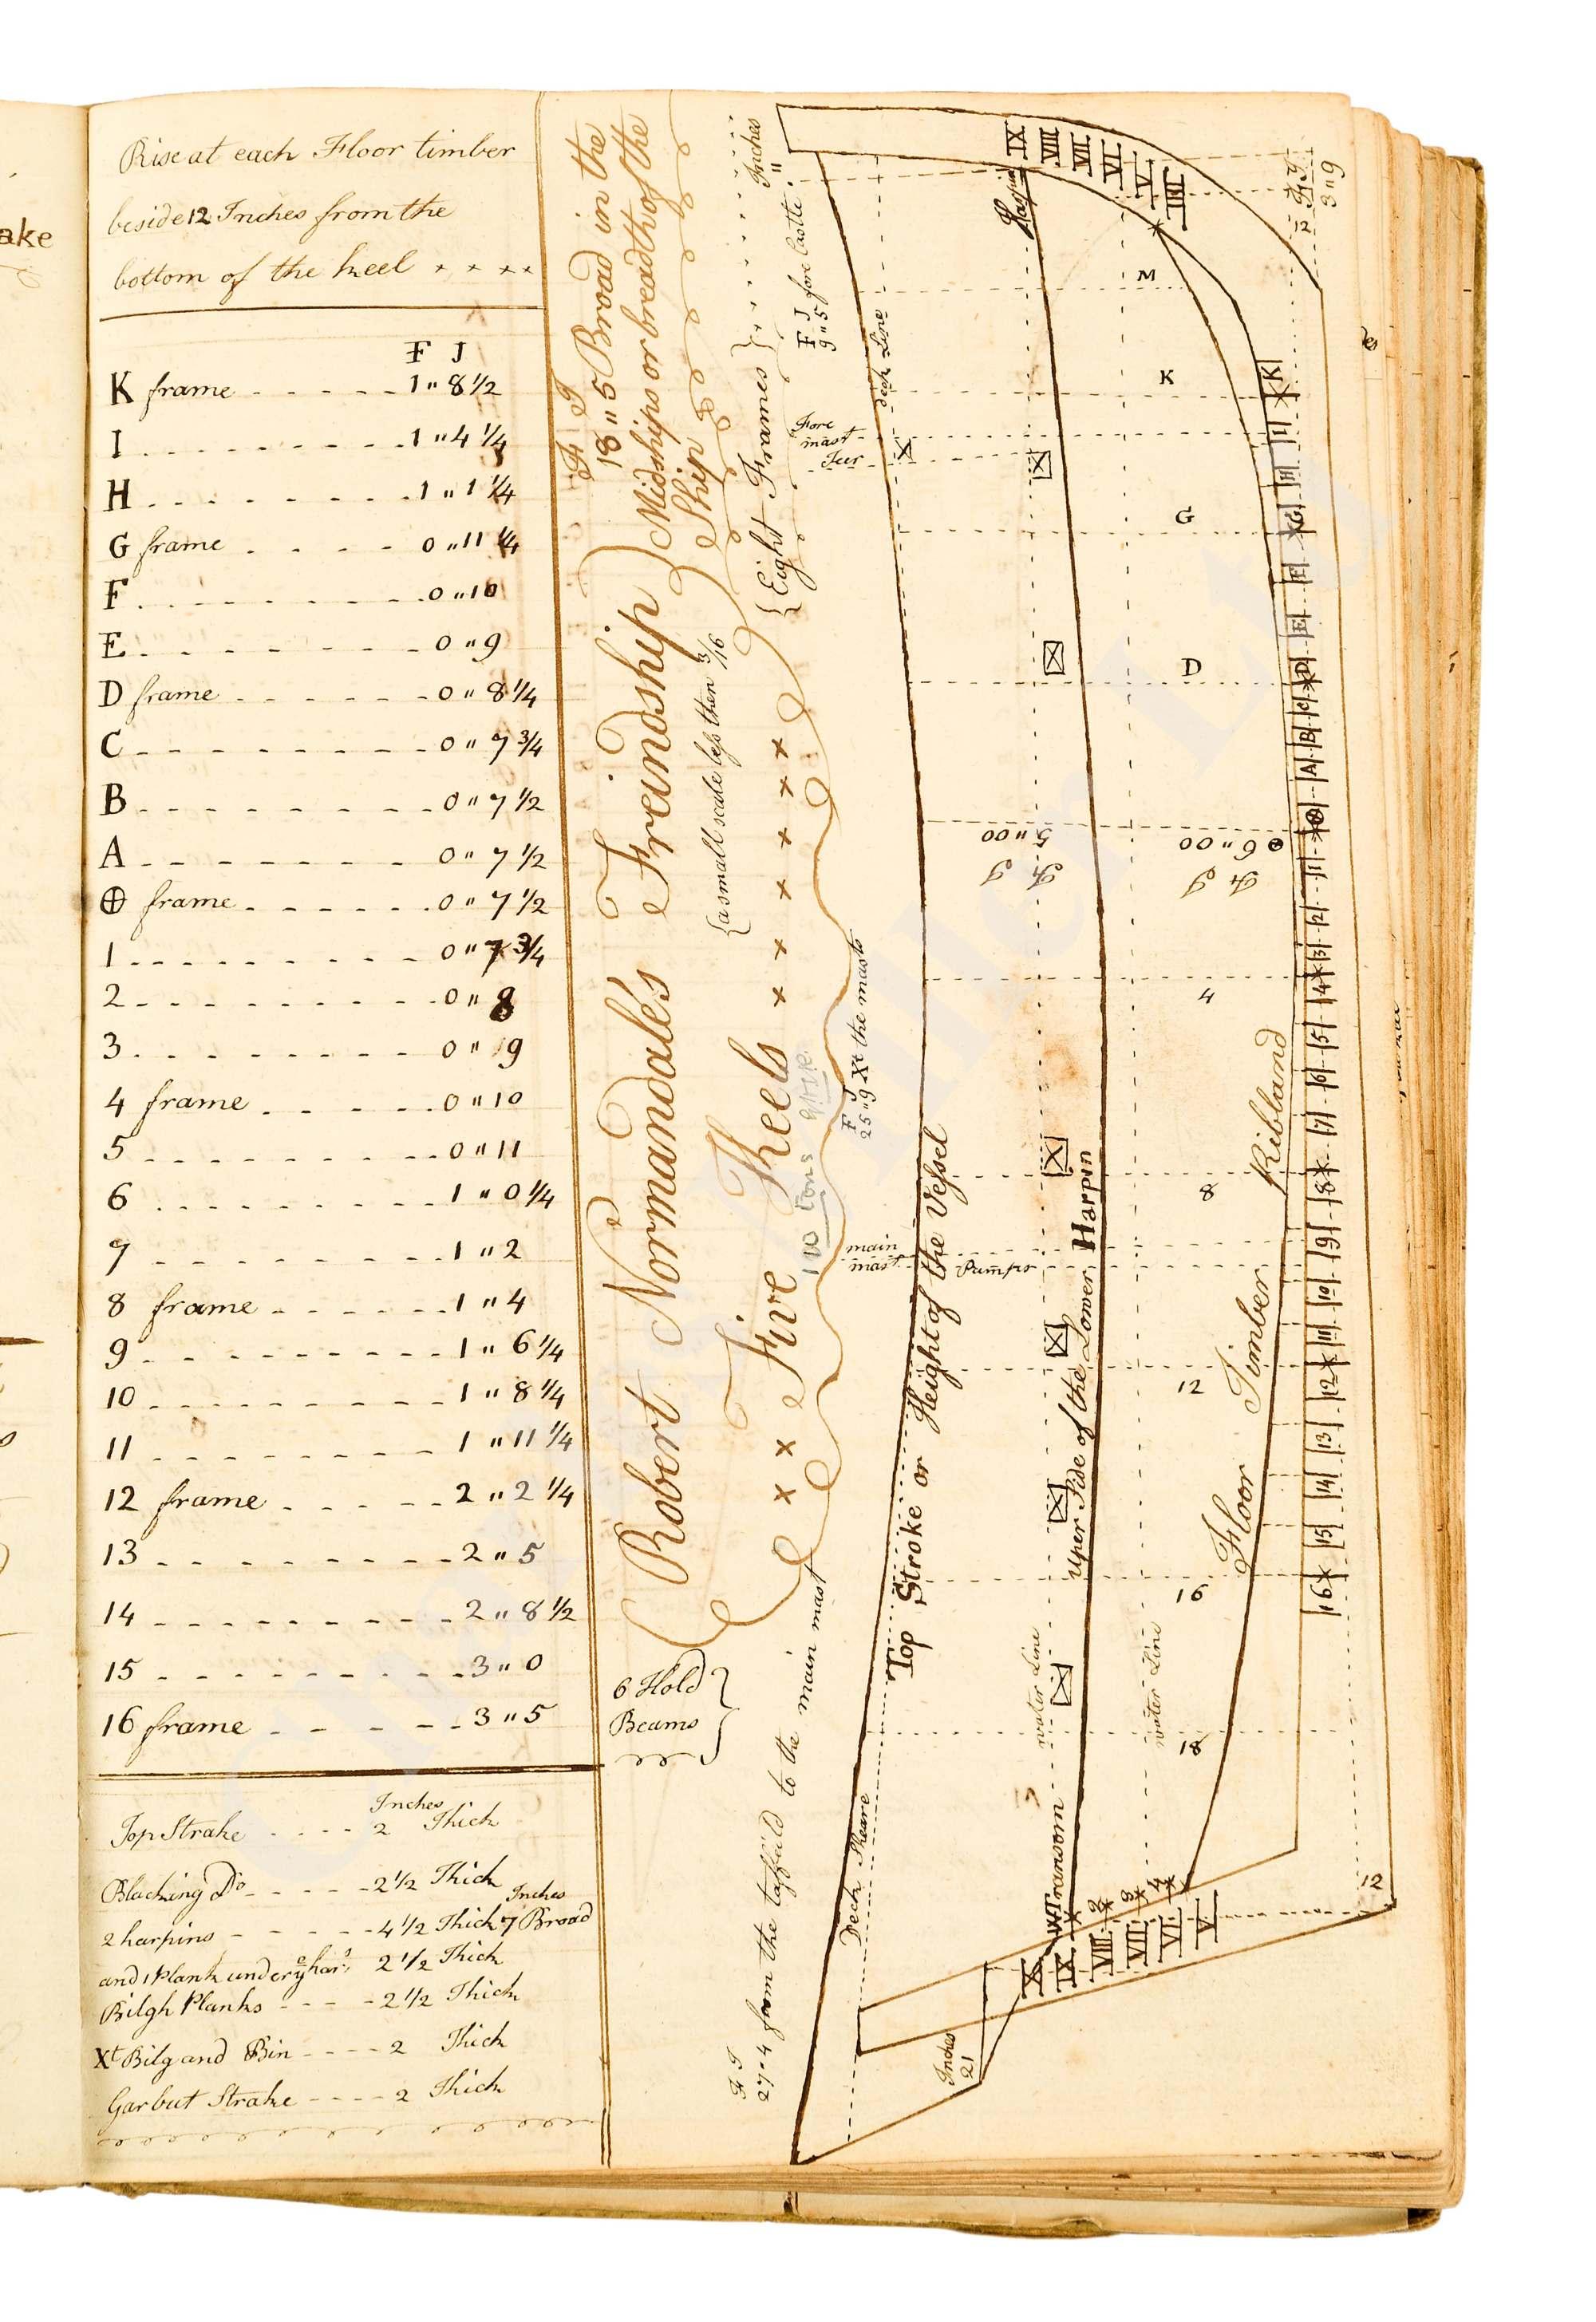 A MERCHANT SHIPBUILDER'S MANUSCRIPT DESIGN BOOK, CIRCA 1785 - Image 2 of 4